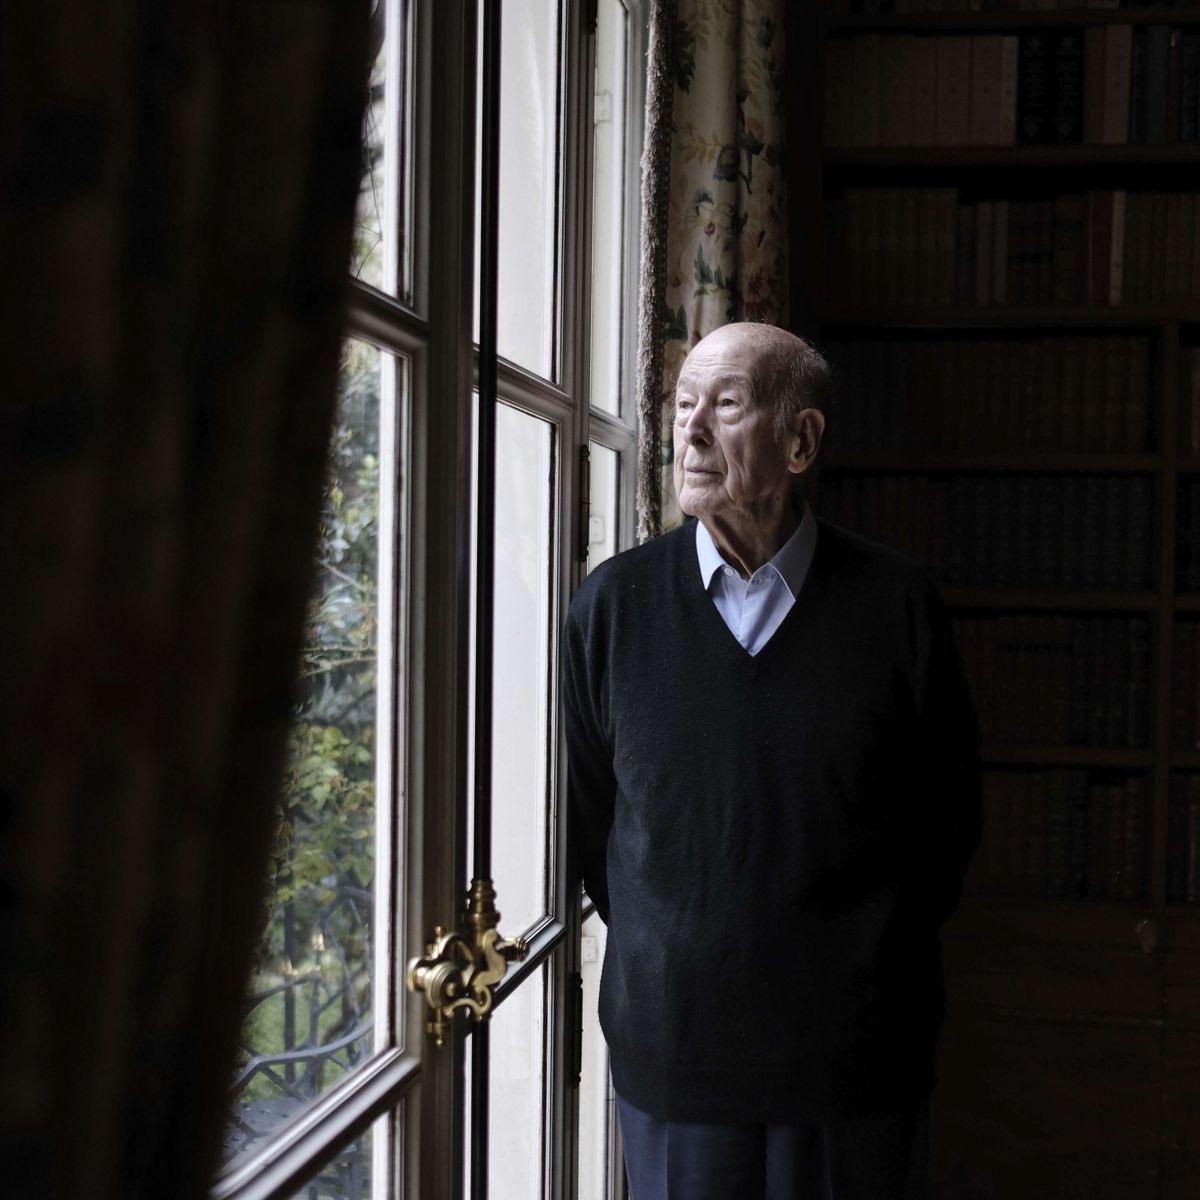 #ValeryGiscarddEstaing le président qui a eu le courage de changer la France de manière historique. Qu'il repose en paix. #Giscard #President #rep #rip #France